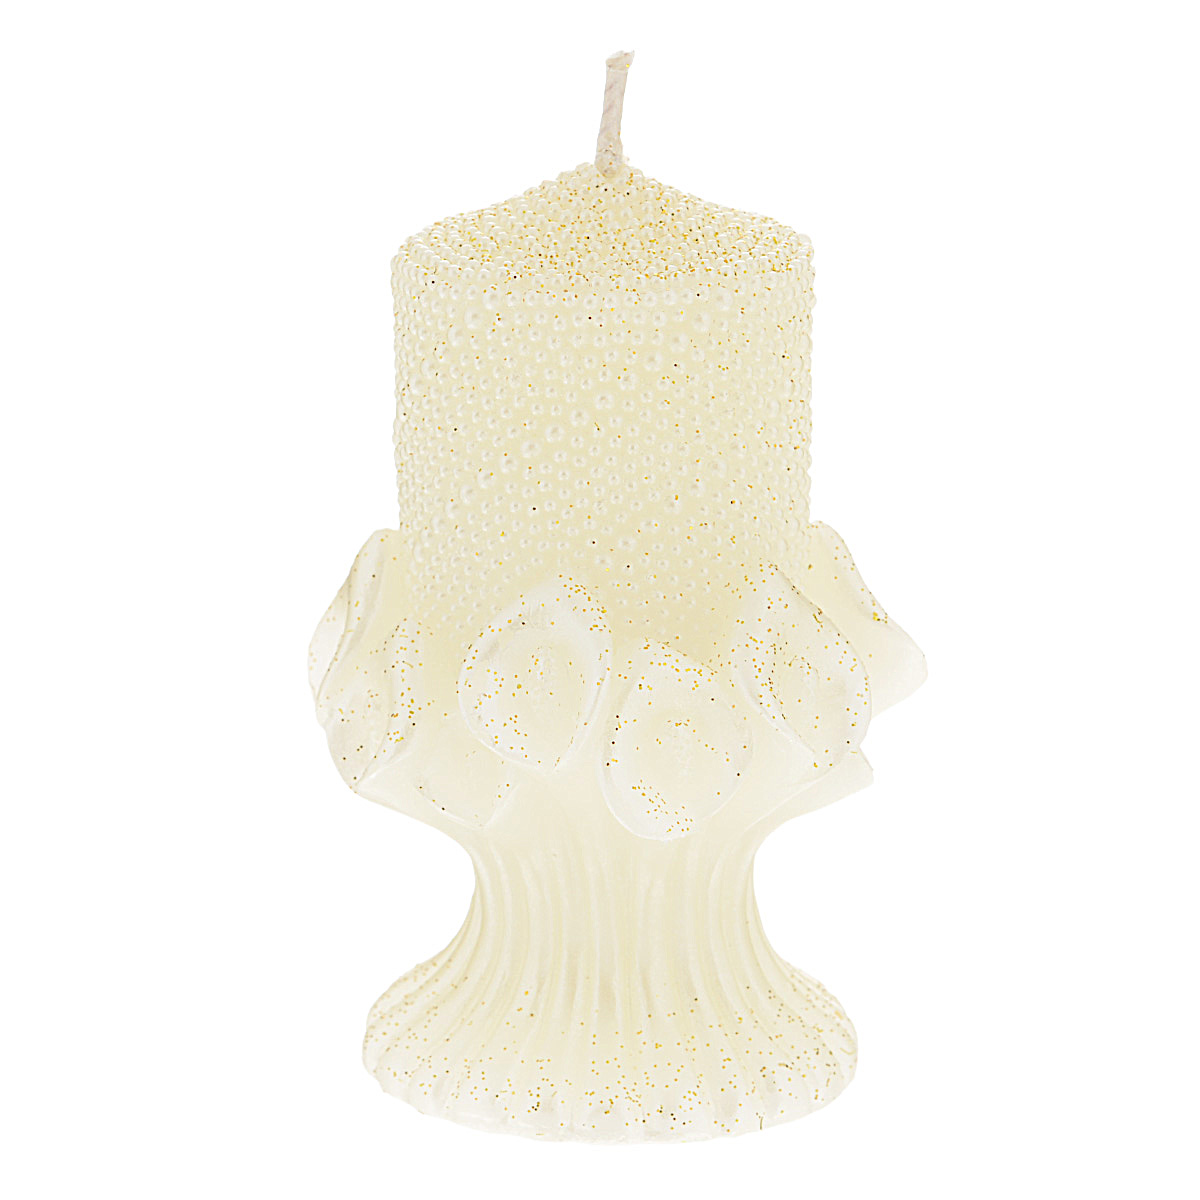 Свеча декоративная Win Max Каллы, цвет: кремовый, 6 см х 6 см х 10 см542645Декоративная свеча Win Max Каллы станет изюменкой в праздничном оформлении вашего интерьера. Изготовлена из парафина и декорирована рельефным узором и золотыми блестками. Основание свечи представляет собой цветочную композицию из калл.Свеча будет отличнымподарком на свадьбу или торжество. Упакована в прозрачную пластиковую коробку и украшена бантом. Декоративная свеча Win Max Каллы принесет в ваш дом волшебство и ощущение праздника. Создайте в своем доме атмосферу веселья и радости, и тогда самый обычный день с легкостью превратится в торжество. Размер свечи: 6 см х 6 см х 10 см.